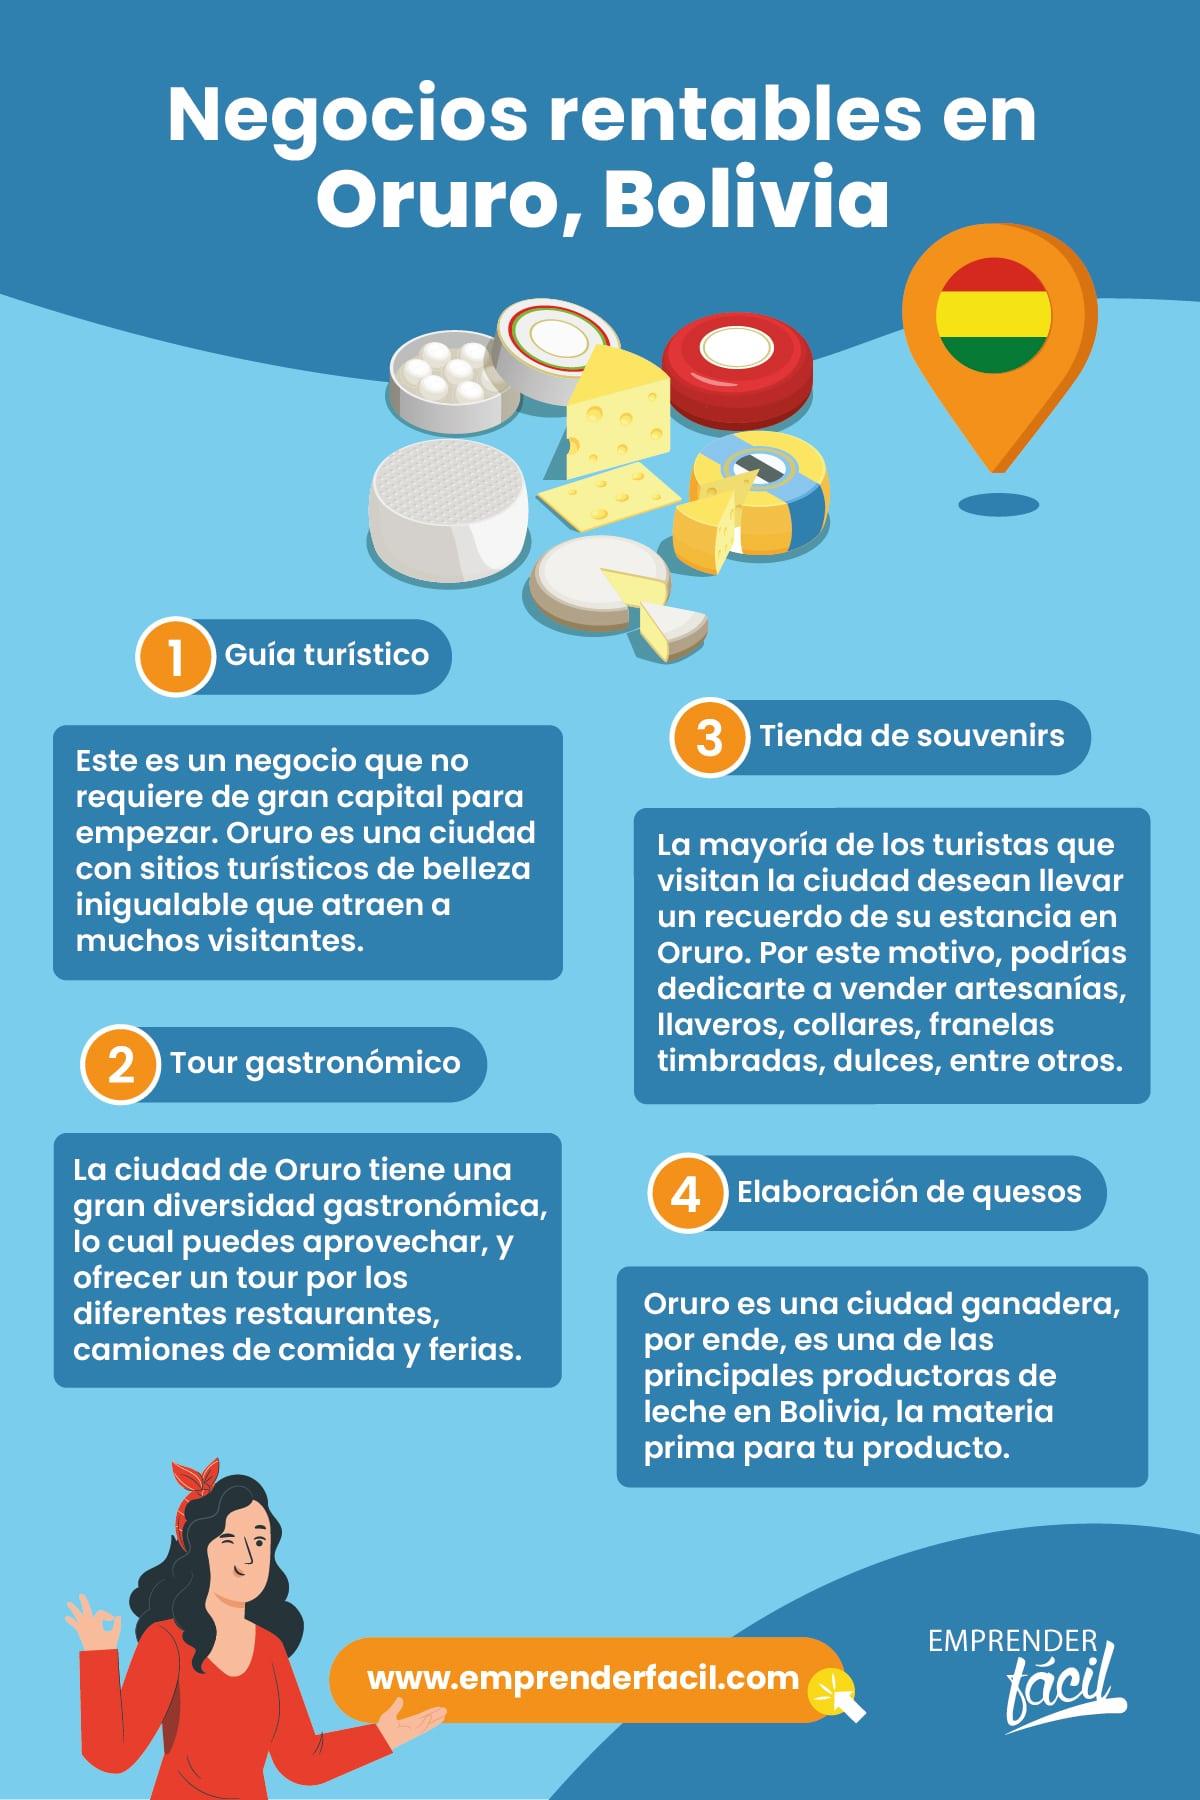 Negocios rentables en Oruro, Bolivia.